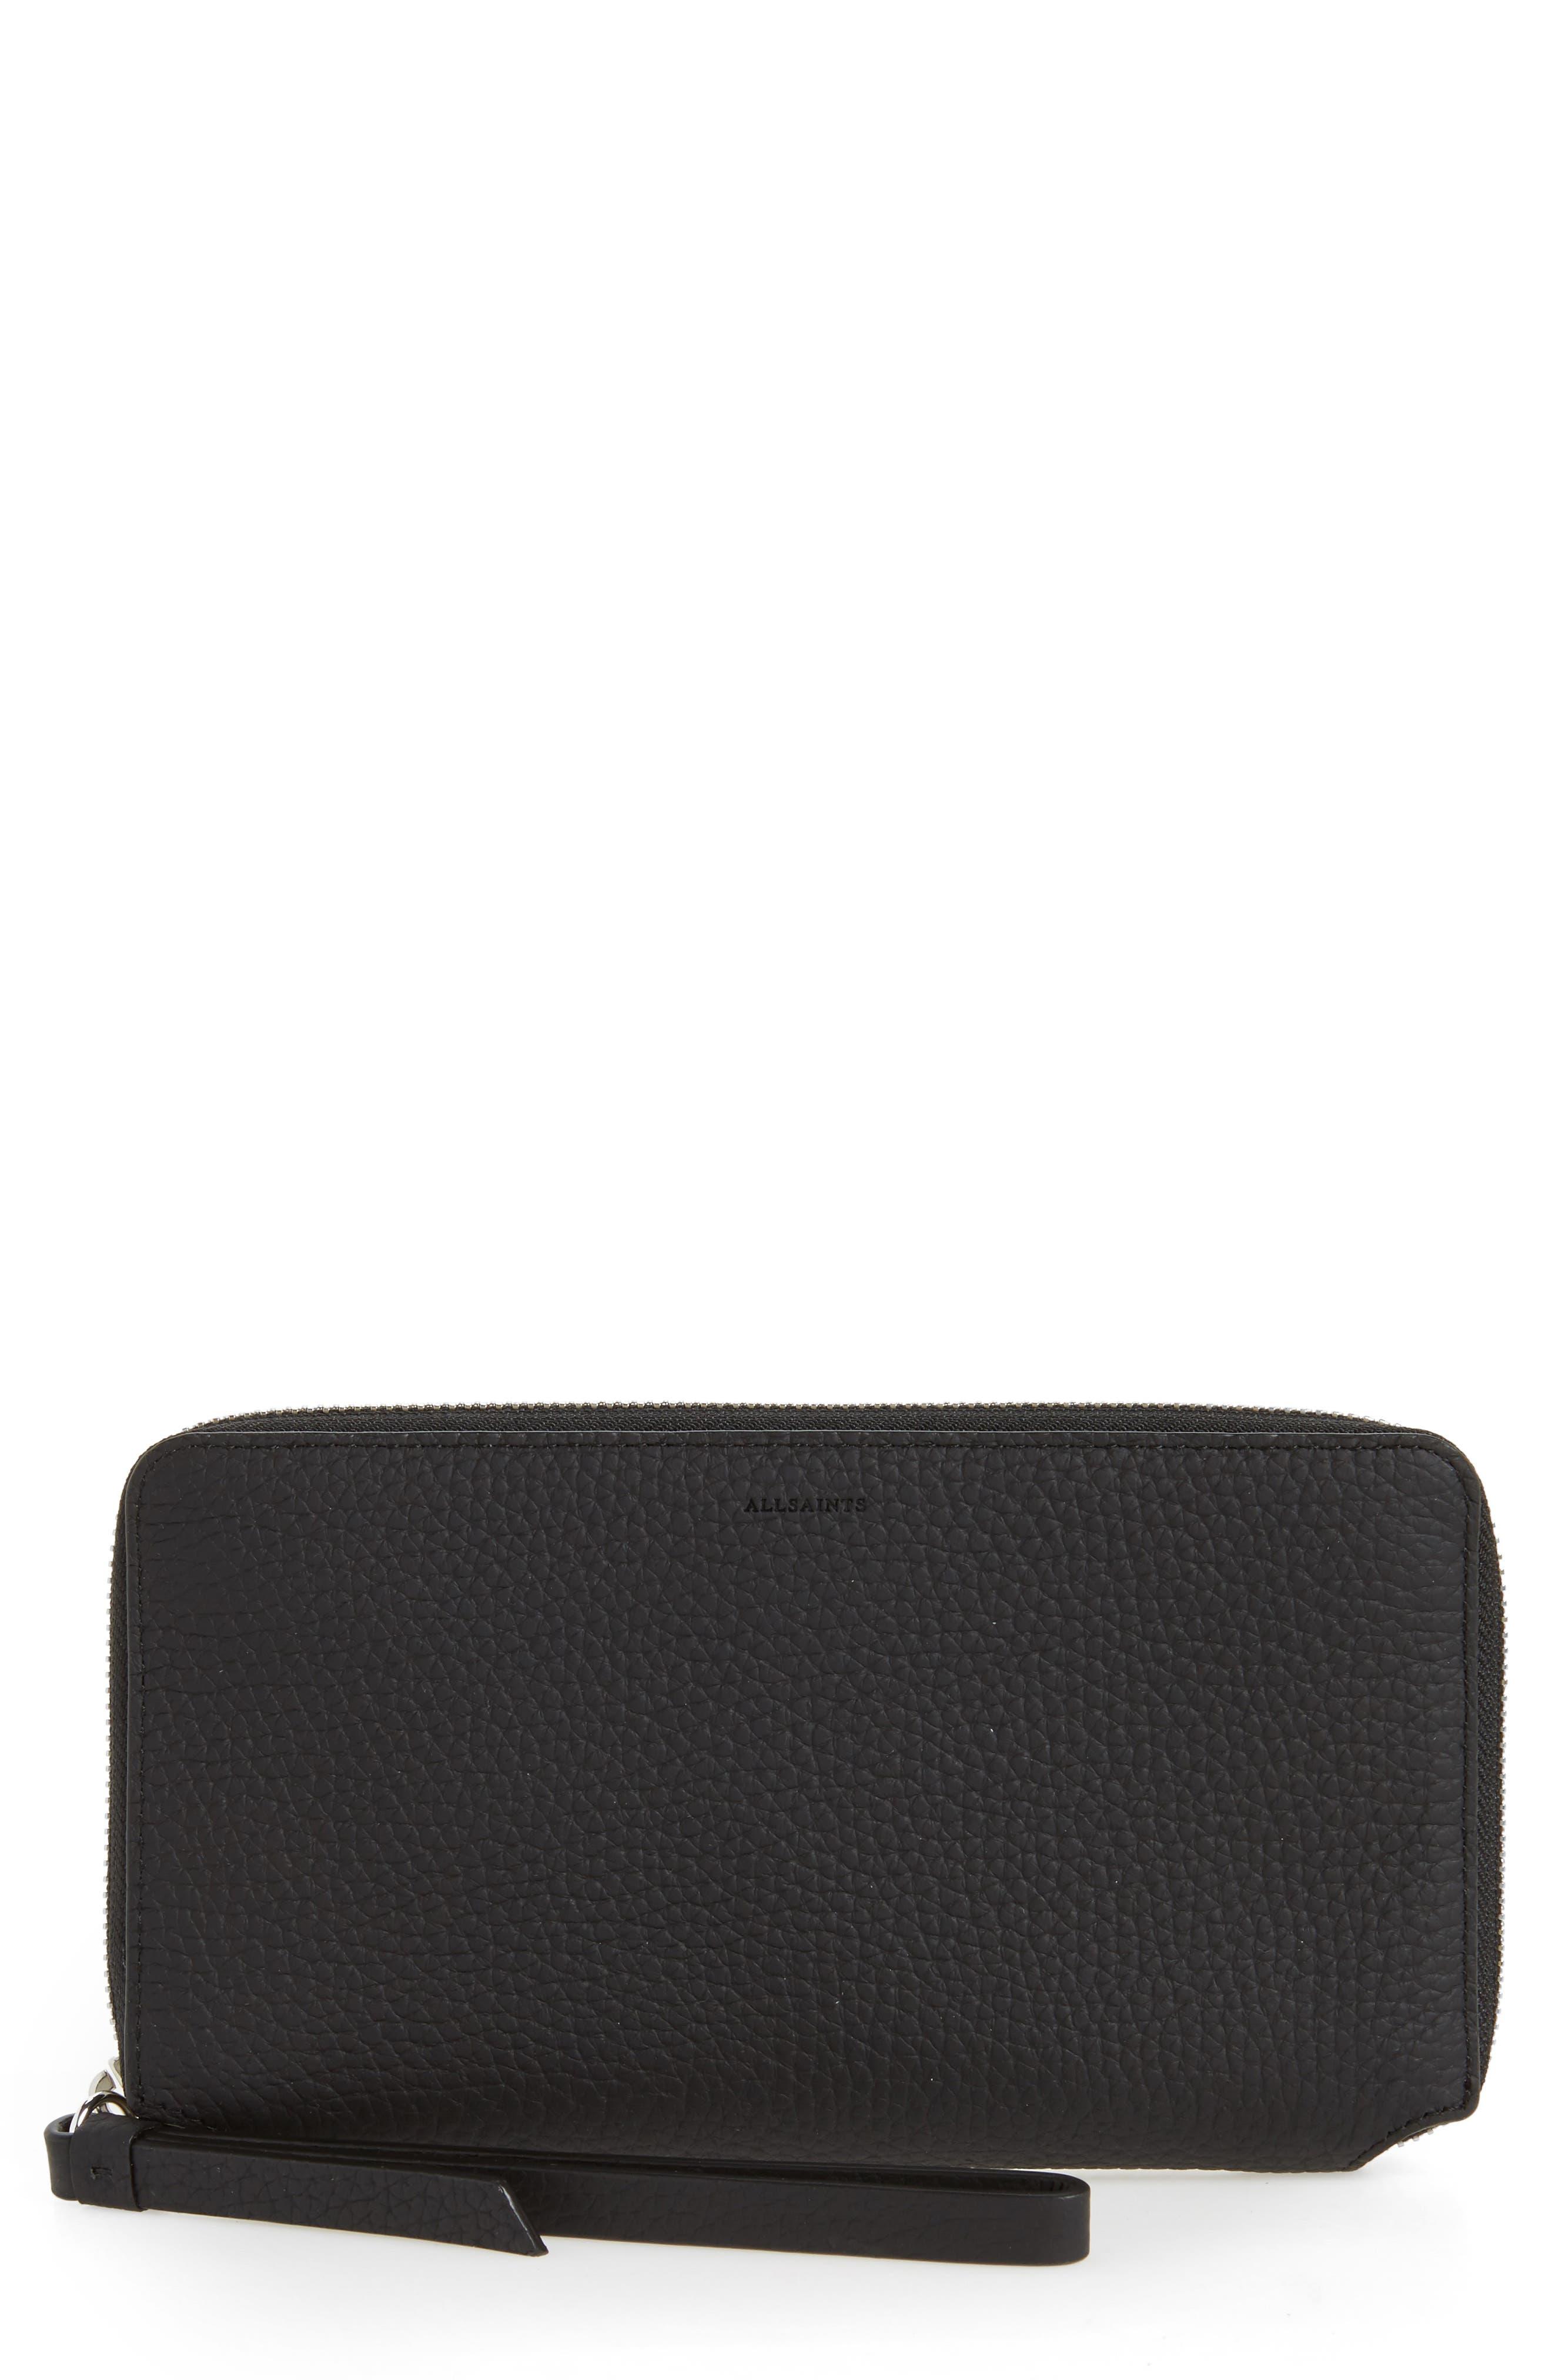 Fetch Leather Phone Wristlet,                         Main,                         color, Black